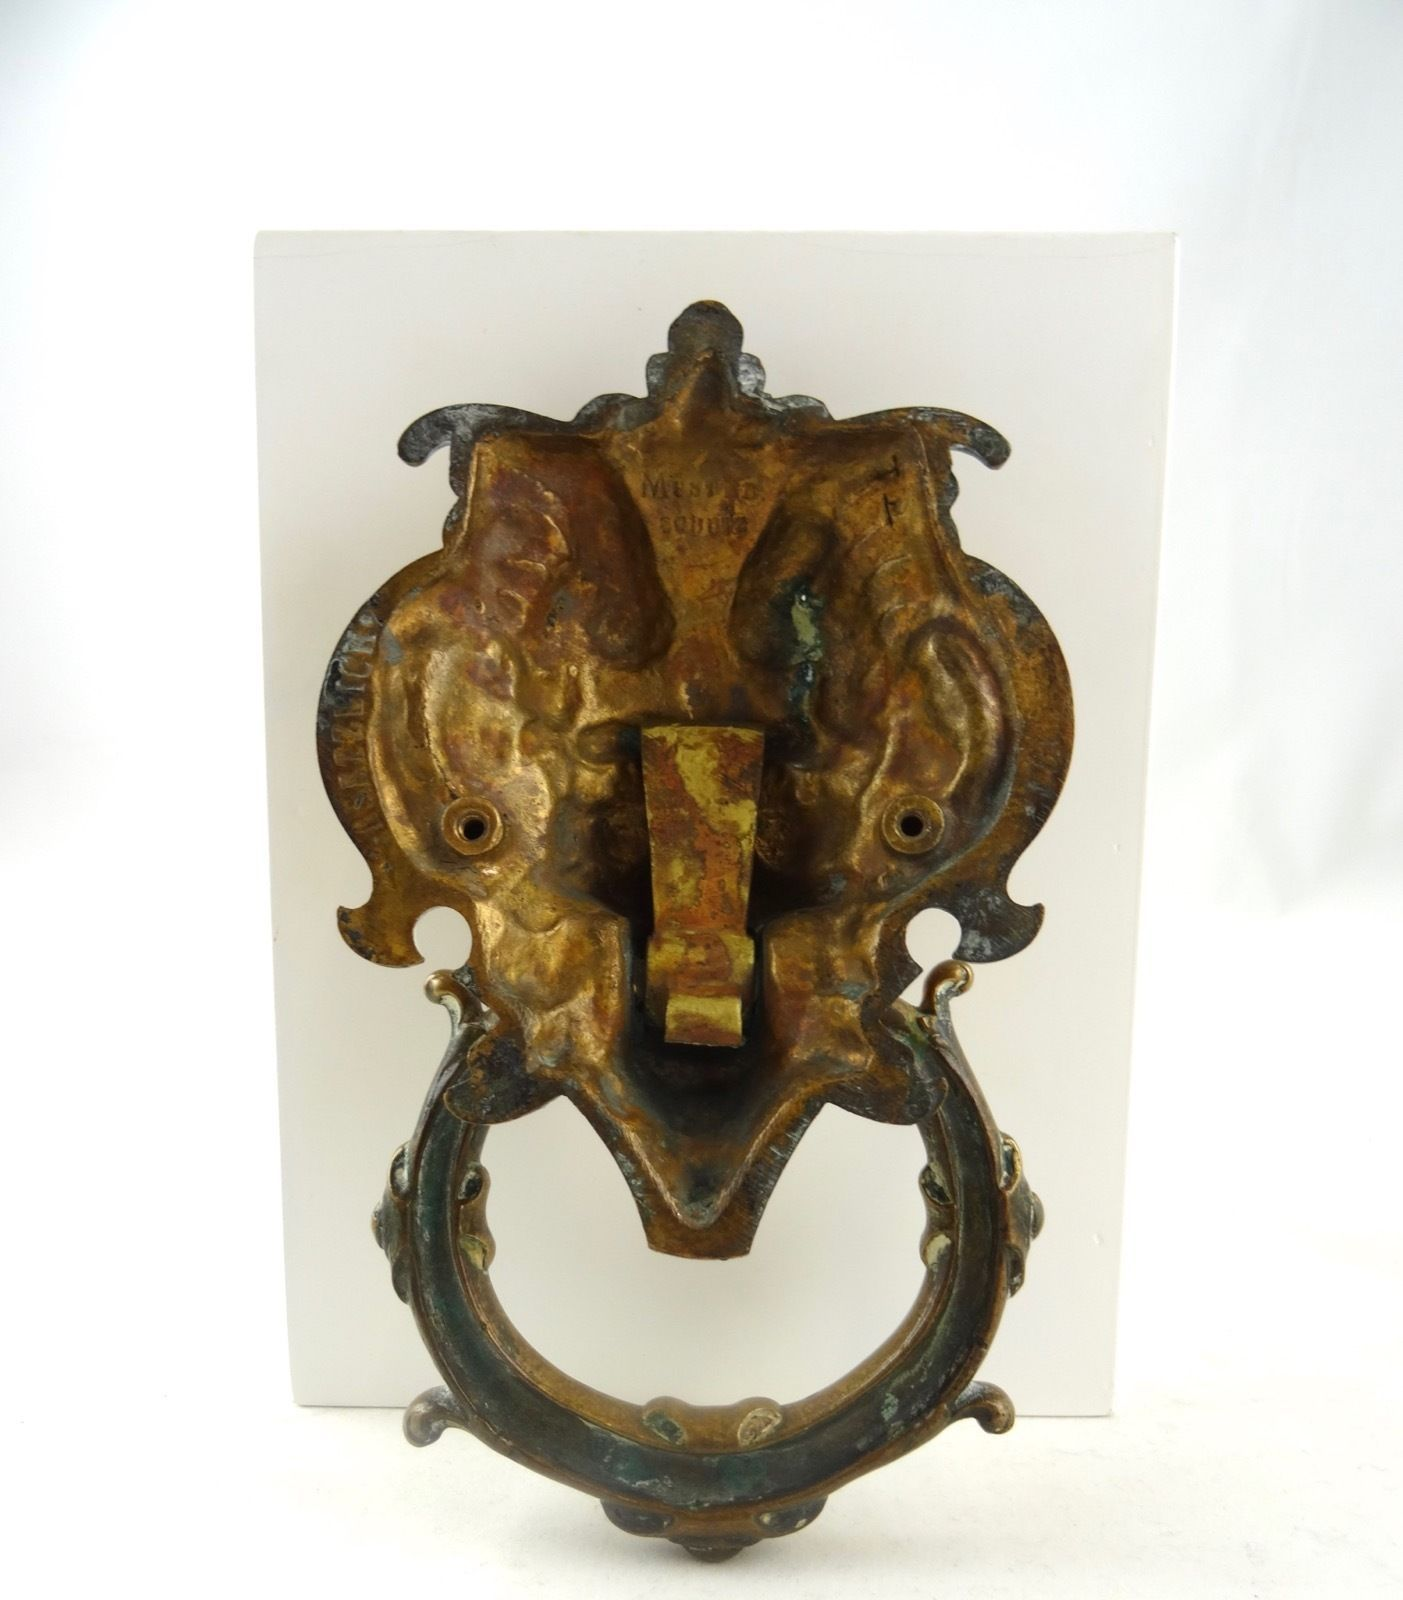 ORIGINAL GERMAN ART NOUVEAU HEAVY BRONZE DOORKNOCKER BERLIN ABOUT 1900  DEVIL | Antiques, Periods & - ORIGINAL GERMAN ART NOUVEAU HEAVY BRONZE DOORKNOCKER BERLIN ABOUT